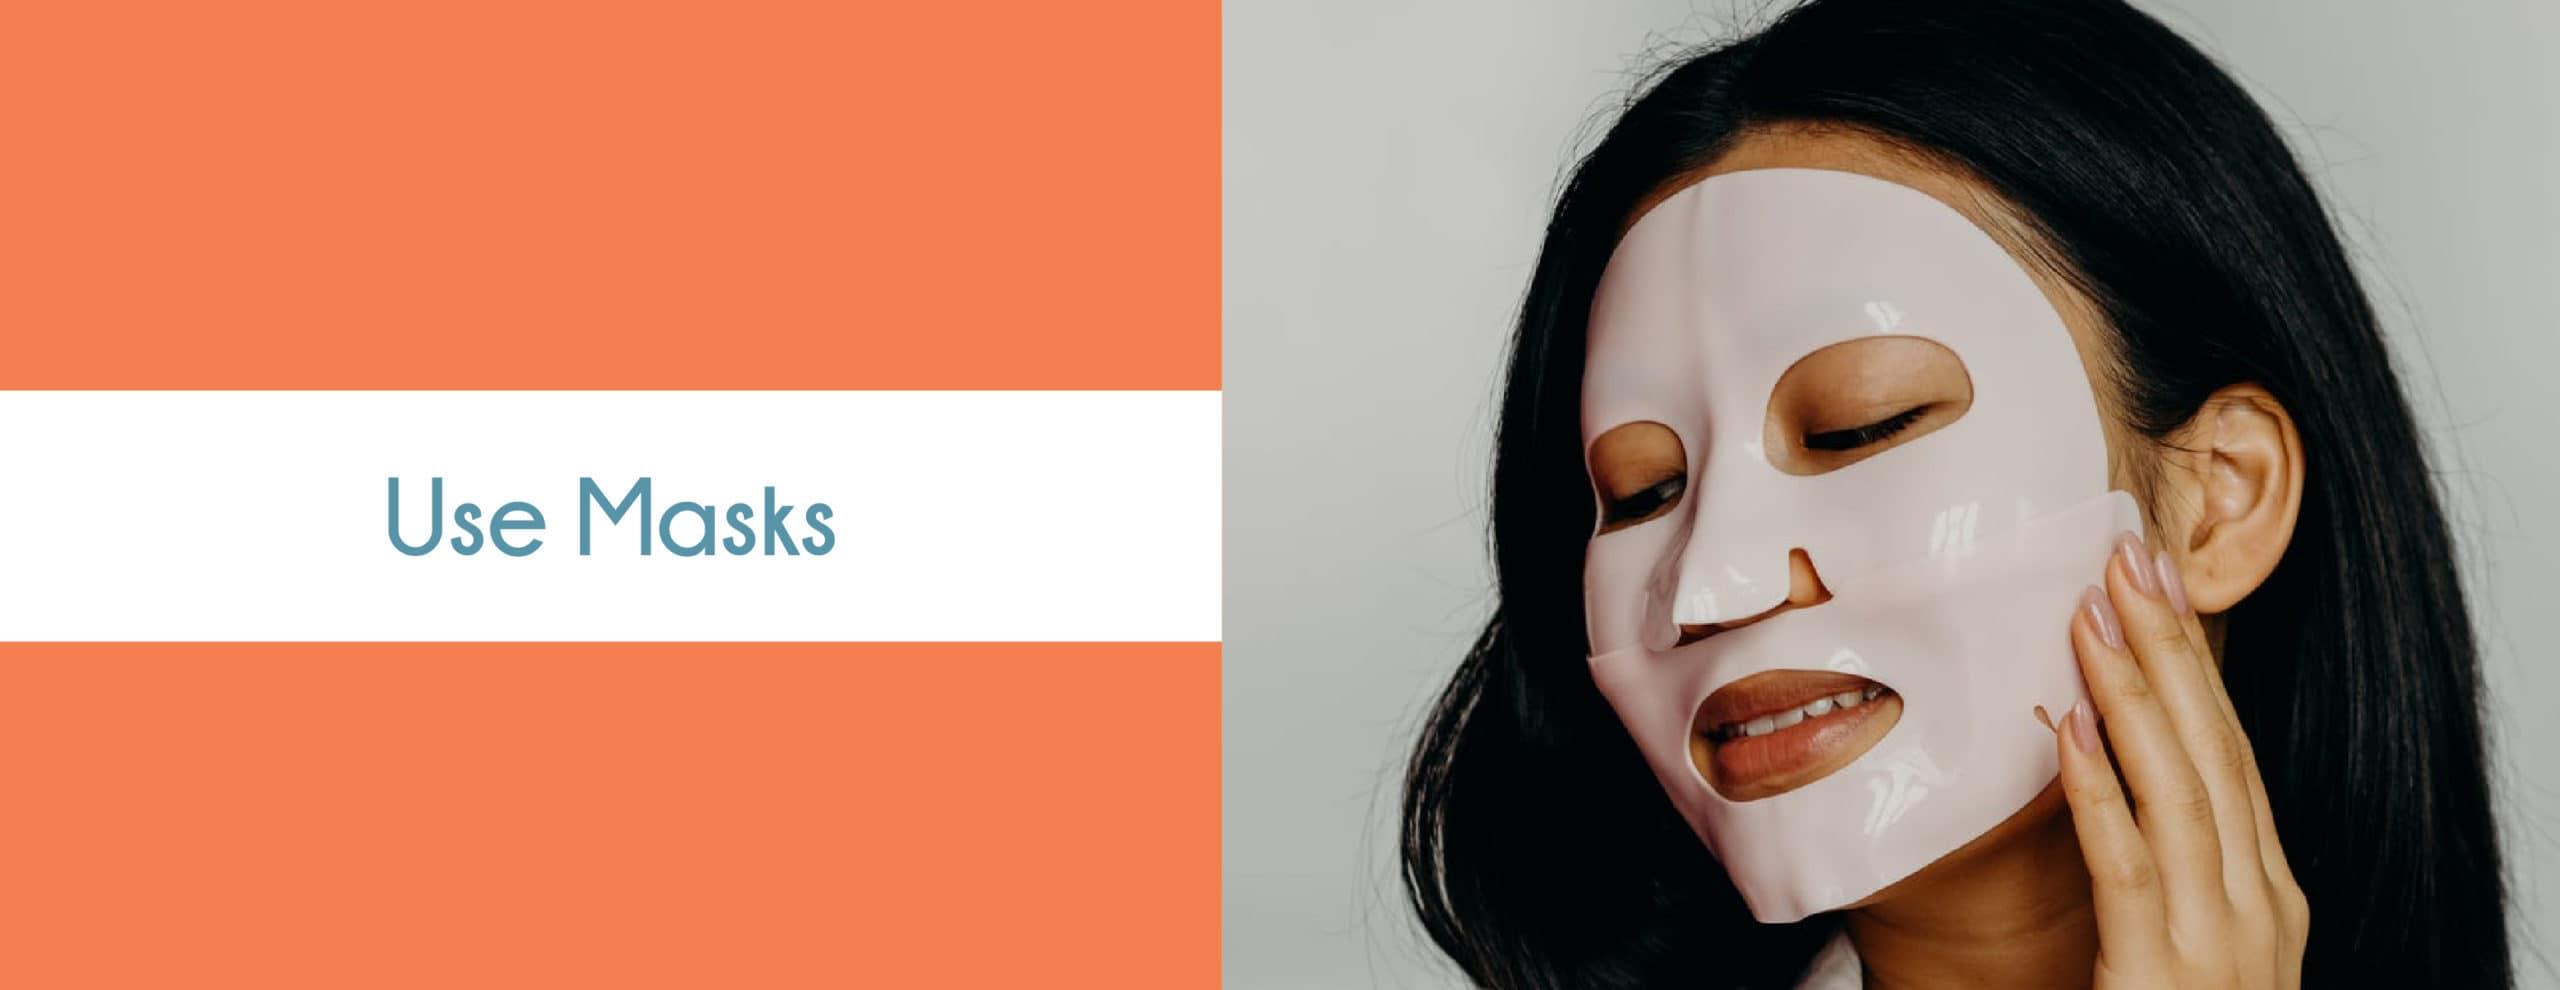 Use Masks